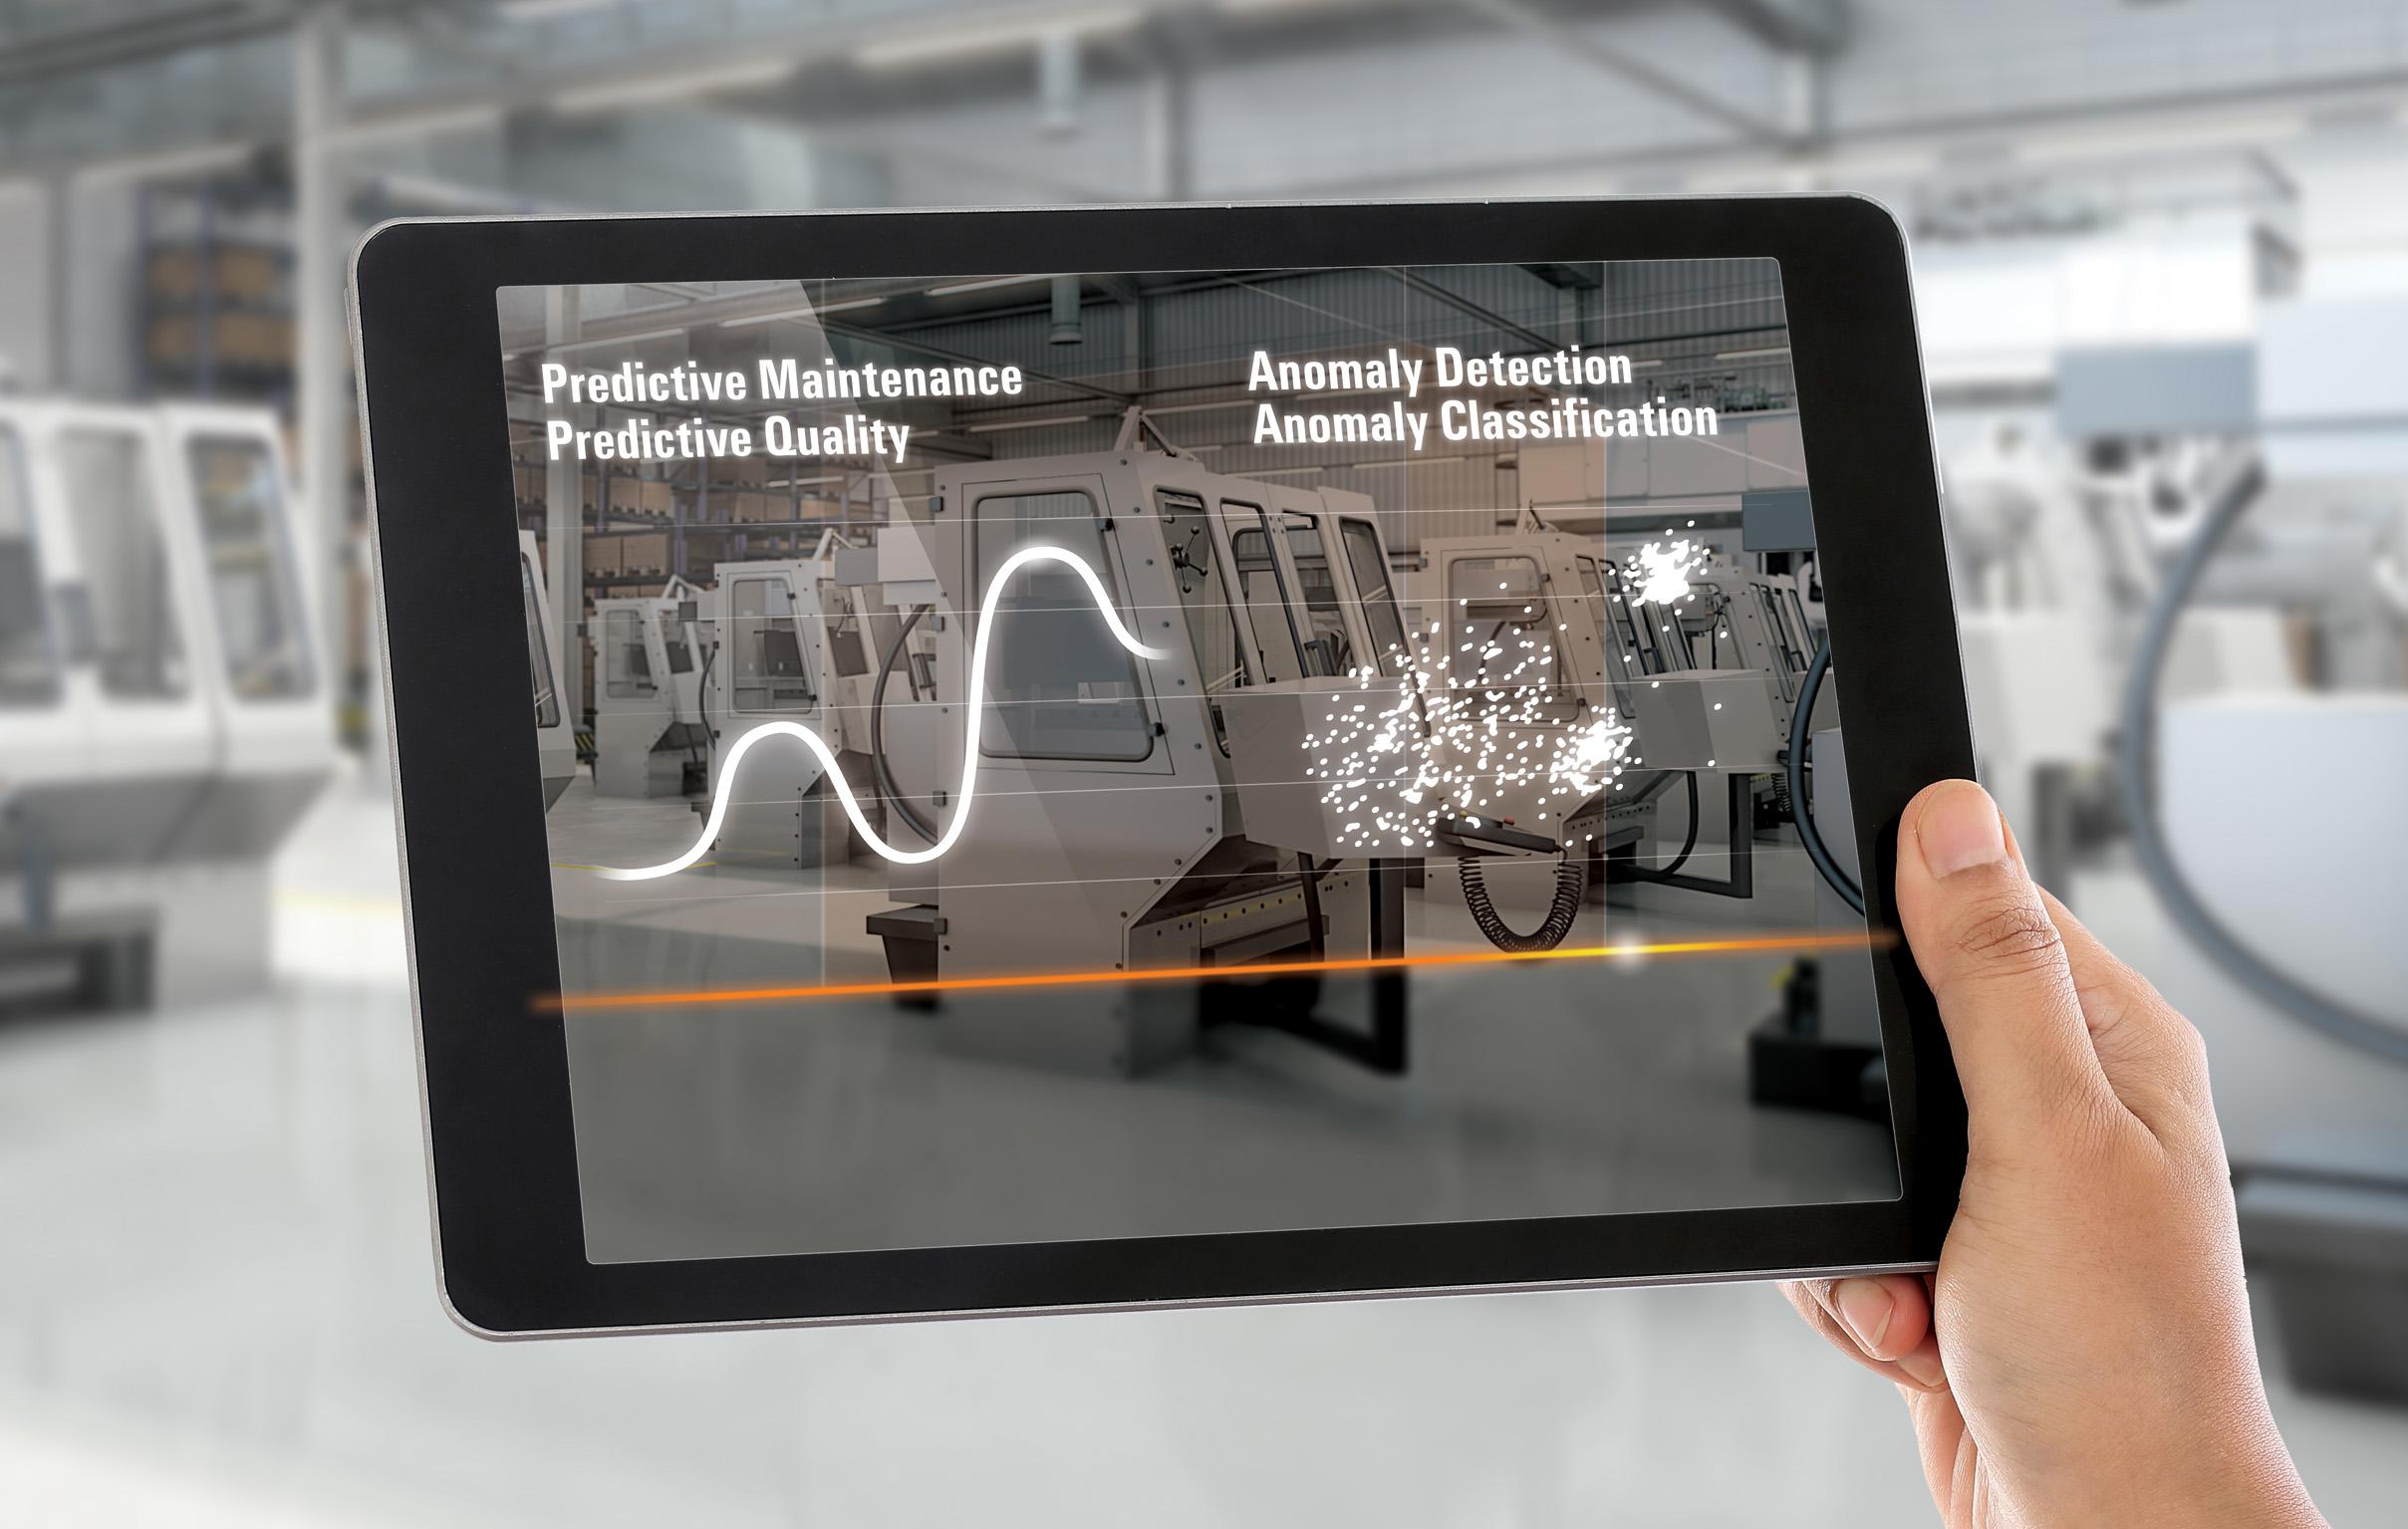 Analyticslösungen versprechen die Erschließung neuer Potentiale in der Produktion. Inwieweit solche Lösungen in Deutschland bereits eingesetzt oder geplant werden und vor welche Herausforderungen die Unternehmen stehen, soll die Studie näher beleuchten.